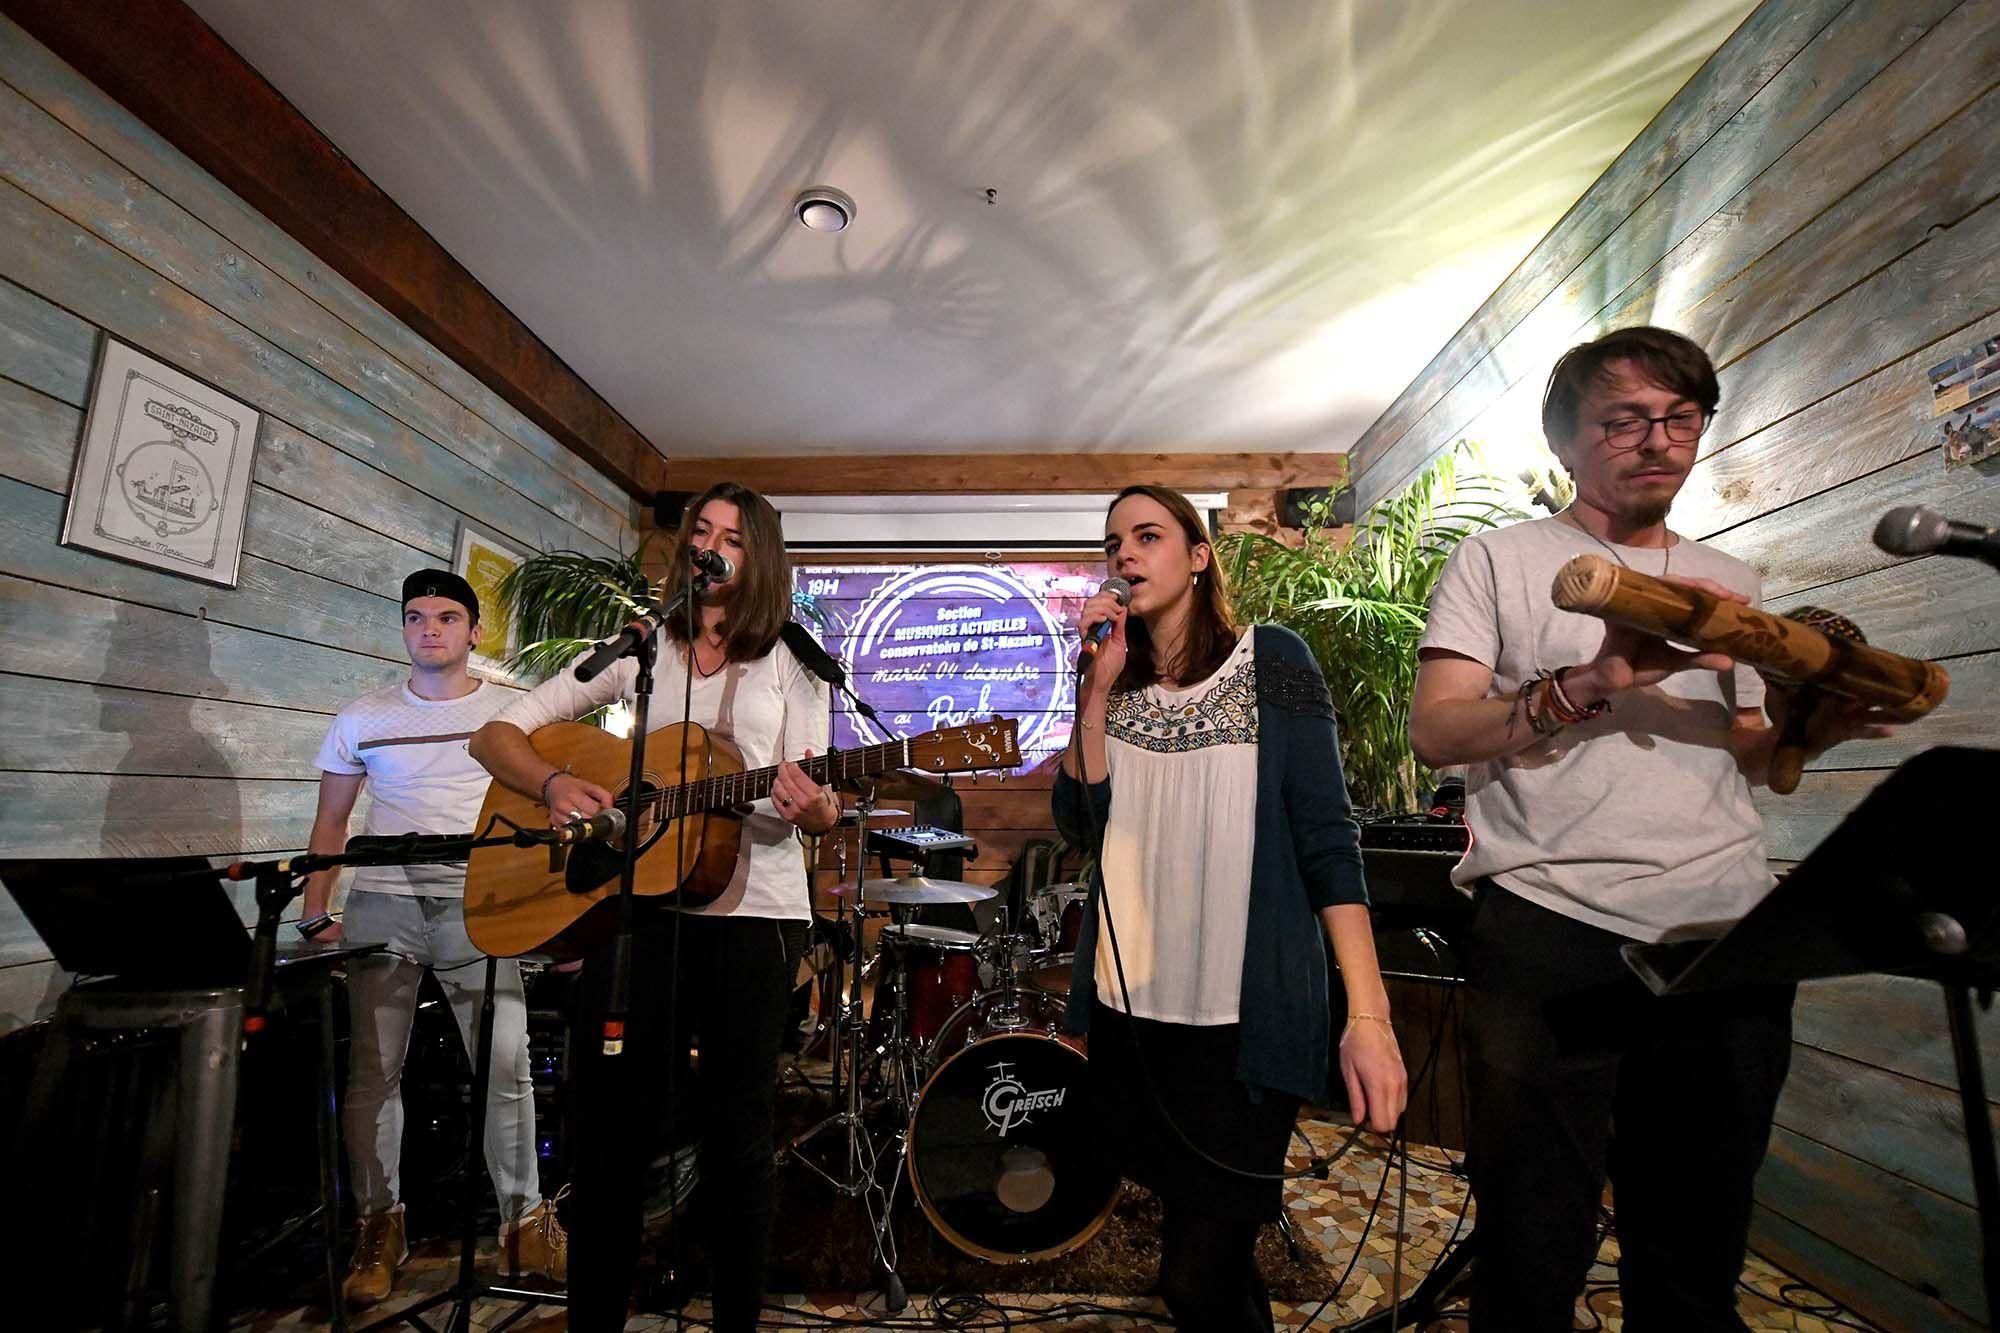 Le groupe Skyline formé il y a quelques semaines à l'espace jeunesse La Source. © Martin Launay - Ville de Saint-Nazaire.